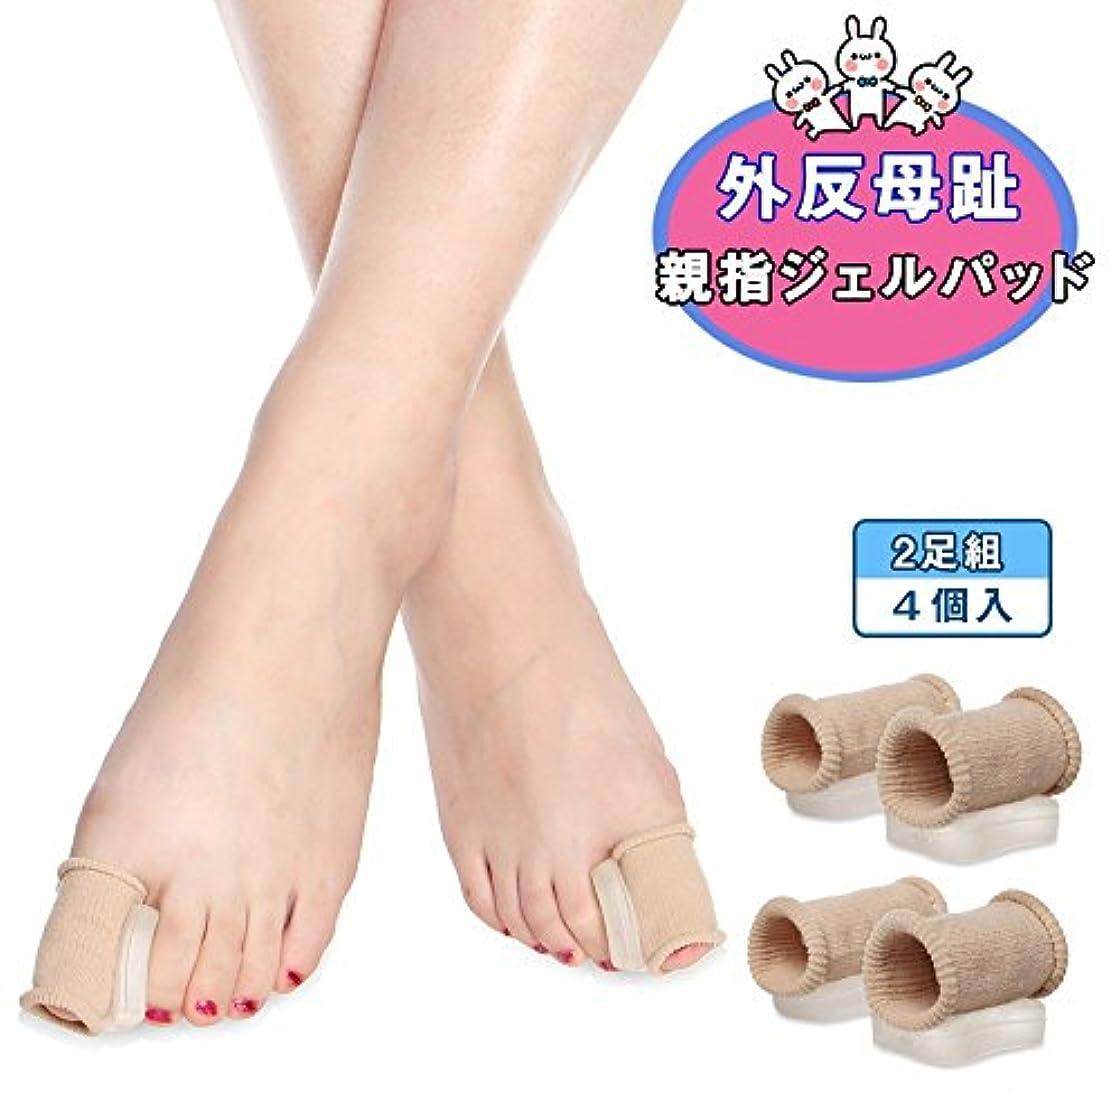 承認する知性導入するLucktao 親指ジェルパッド, 外反母趾サポーター 指間ジェルパッド つま先矯正 足用保護パッド 足指セパレーター 親指曲がりの緩和 足指サポーター 4個入り